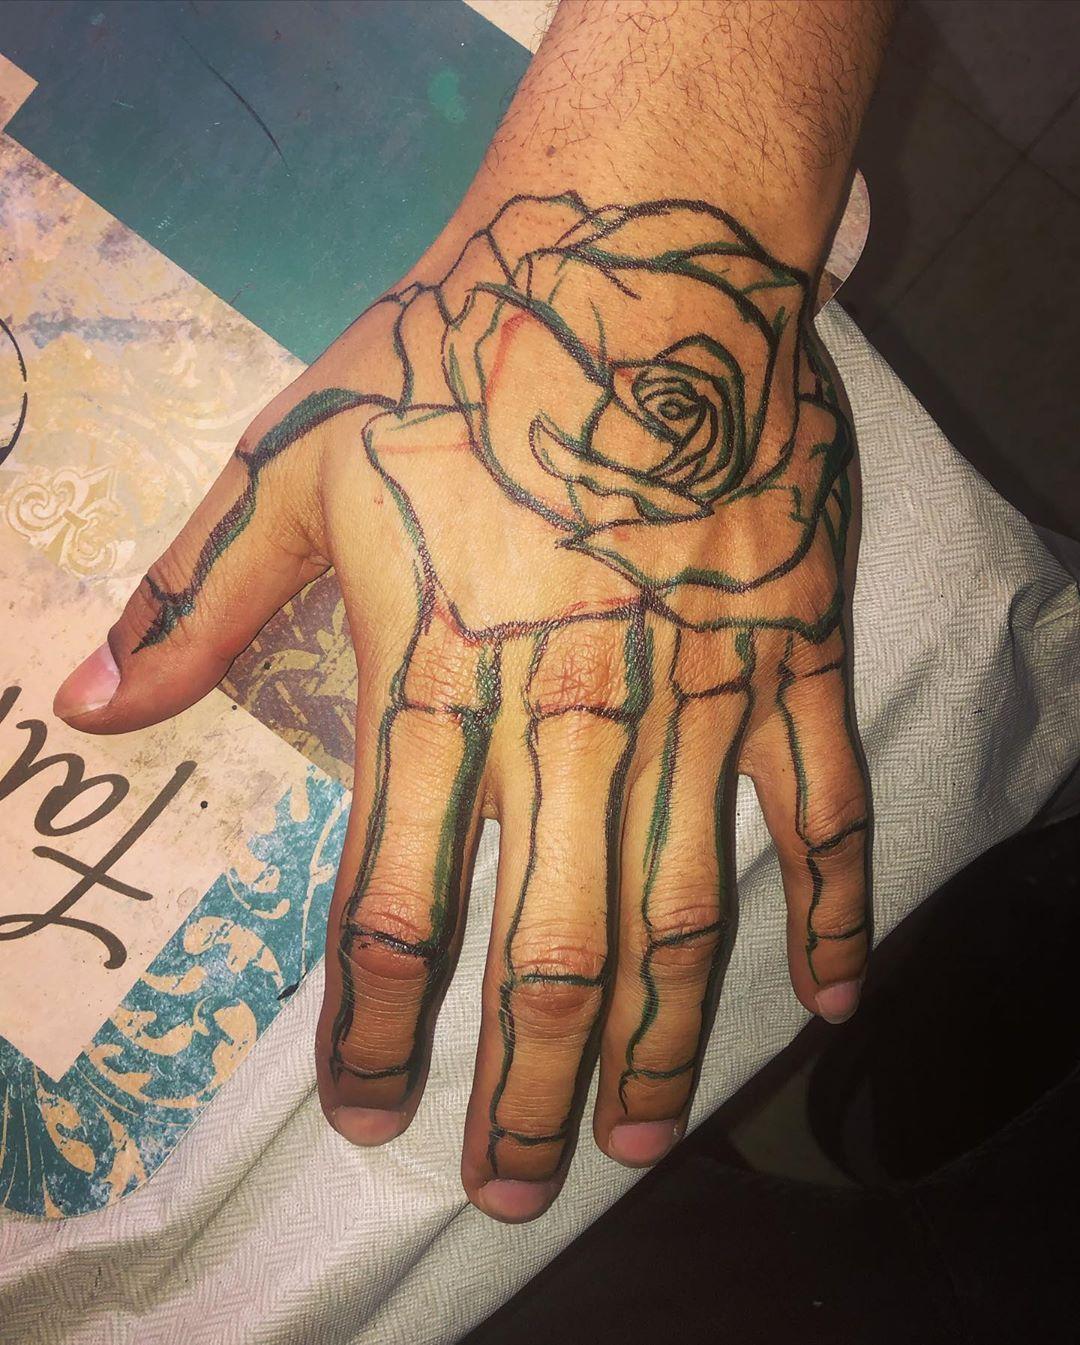 #Tattoo #tattoos #tatt #tatts #tattideas #tattooideas #hand #handtatt #handtatts #handtattoo #handtattoos #tattoosleeve #tattoosleeves #newtattoo #freehand #artist #tattooartist